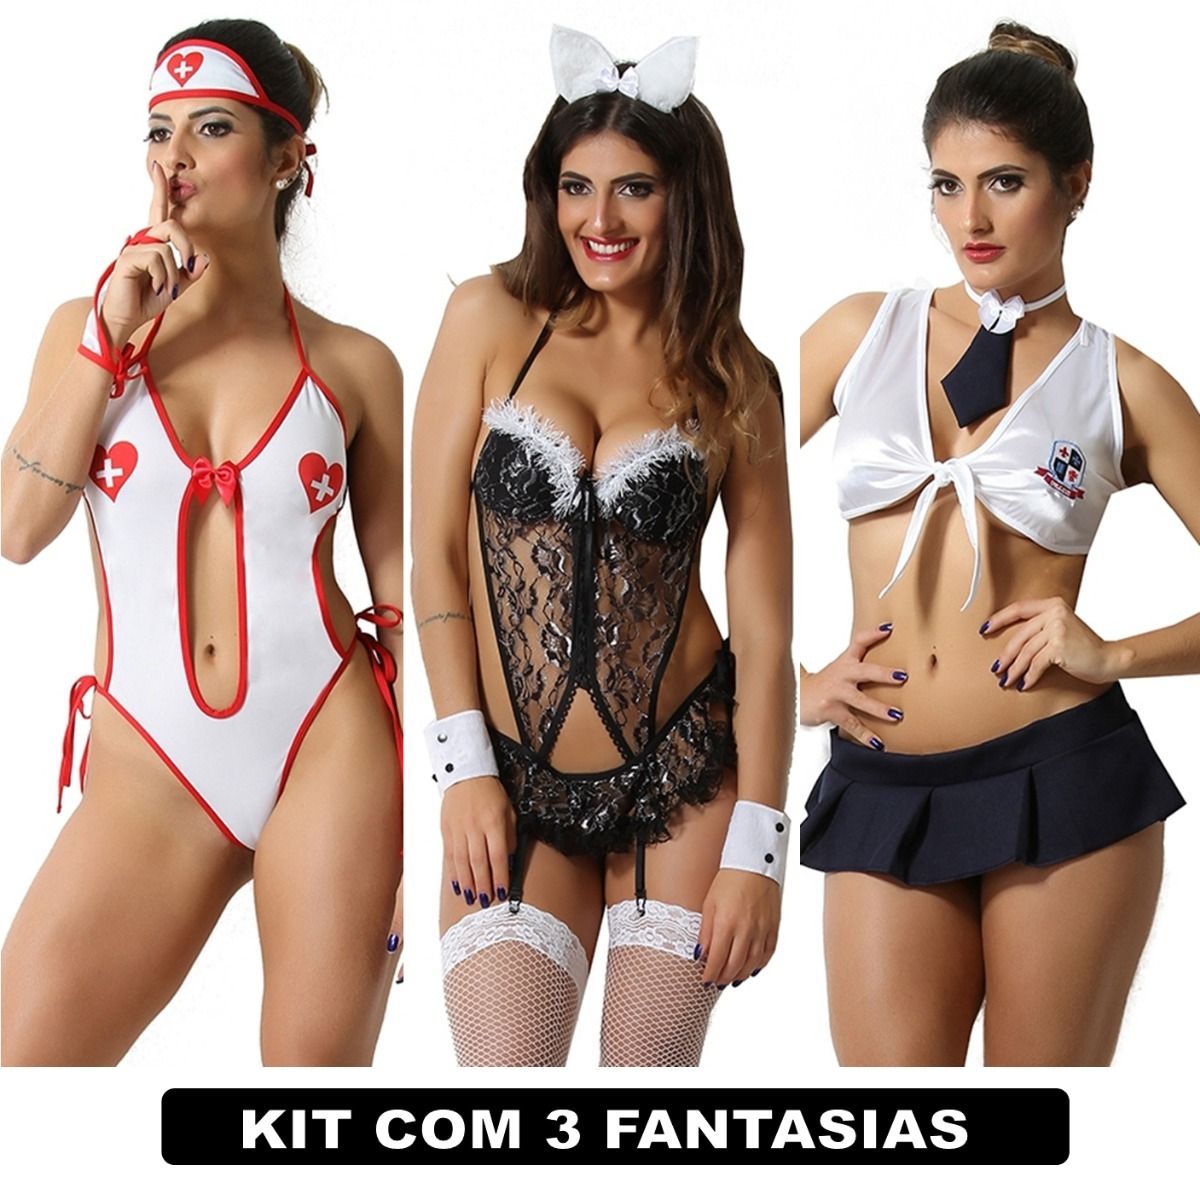 f436f8786 moda íntima sexys kit com 3 uni conjuntos lingerie atacado. Carregando zoom.